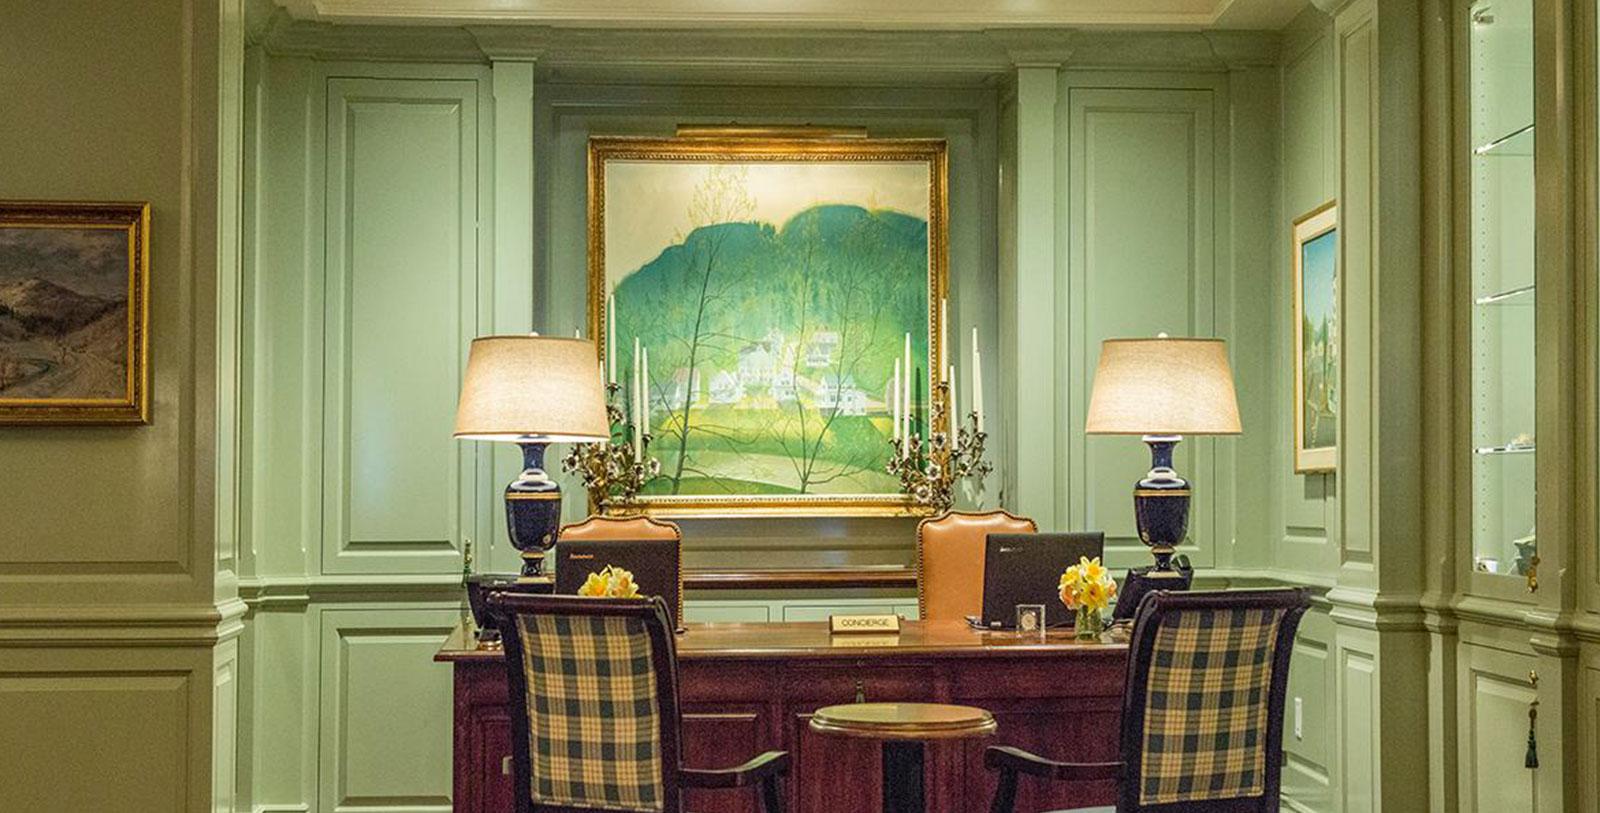 Image of Concierge Desk, Woodstock Inn & Resort, 1793, Member of Historic Hotels of America, in Woodstock, Vermont, Hot Deals